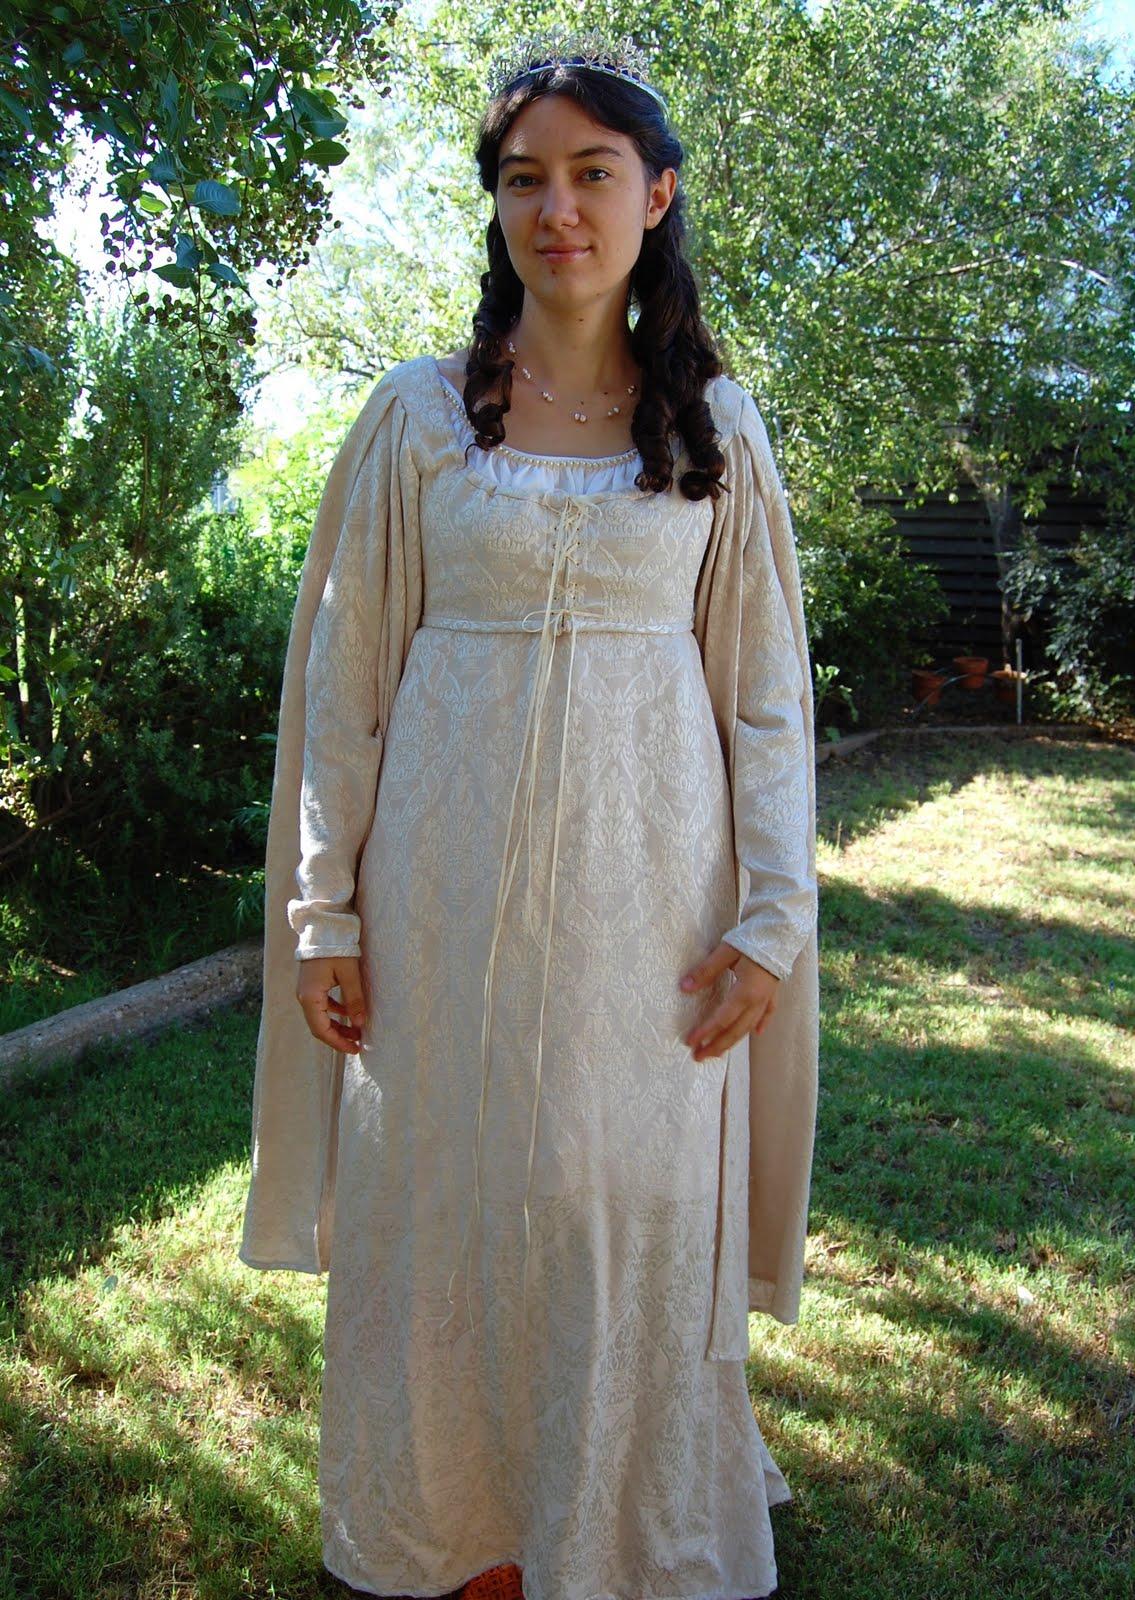 The Princess Bride Wedding Dress